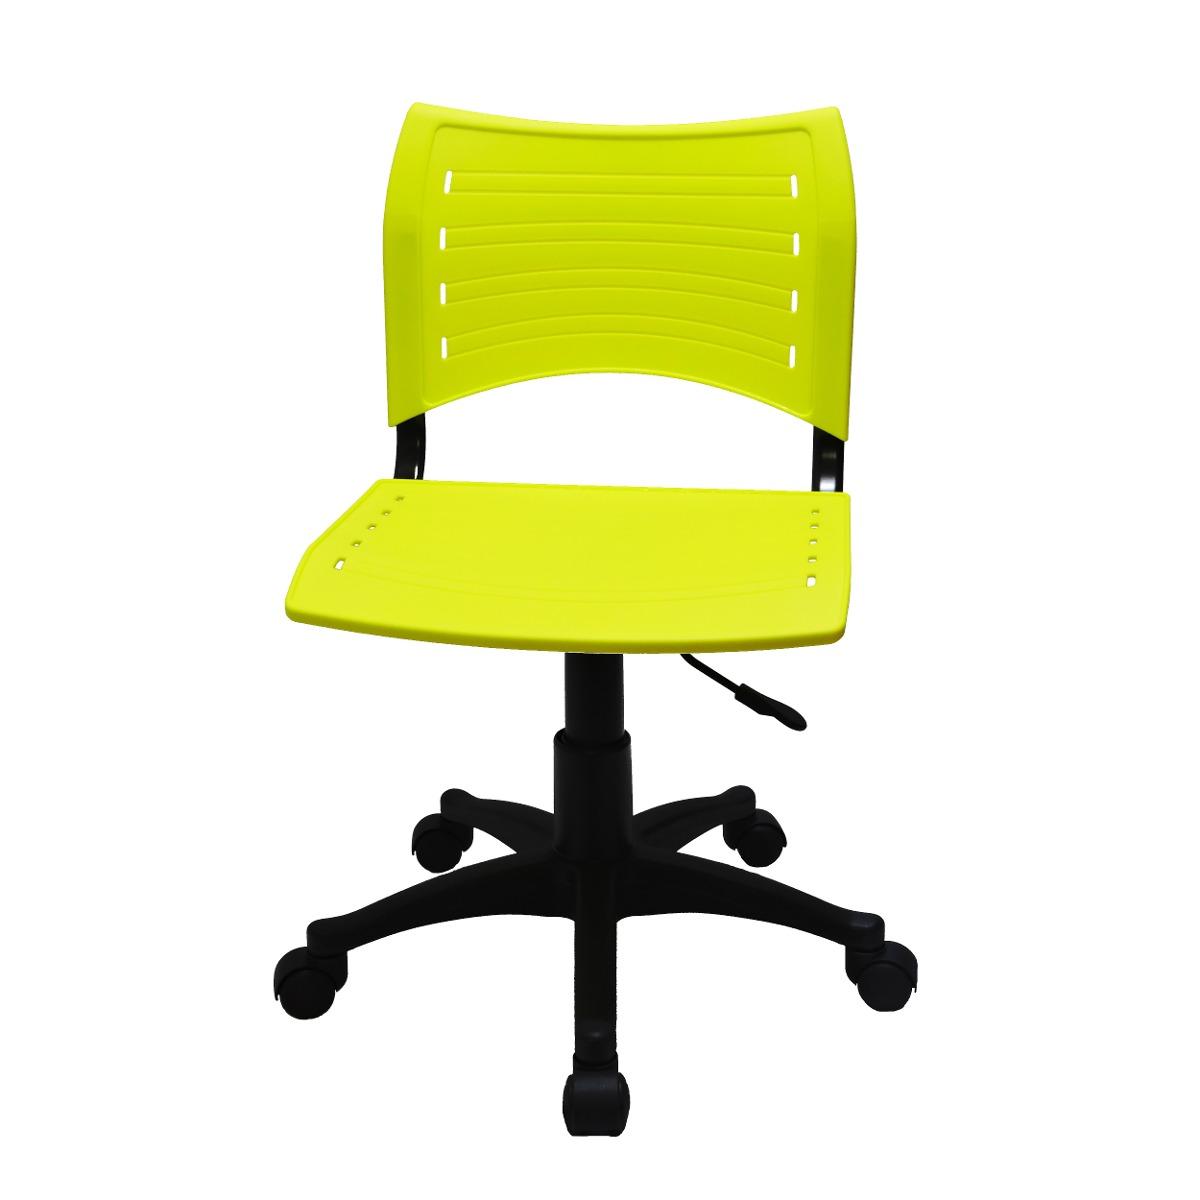 Cadeira Escritório Giratória Cf10 Amarela R$ 209 90 no  #A7B203 1200x1200